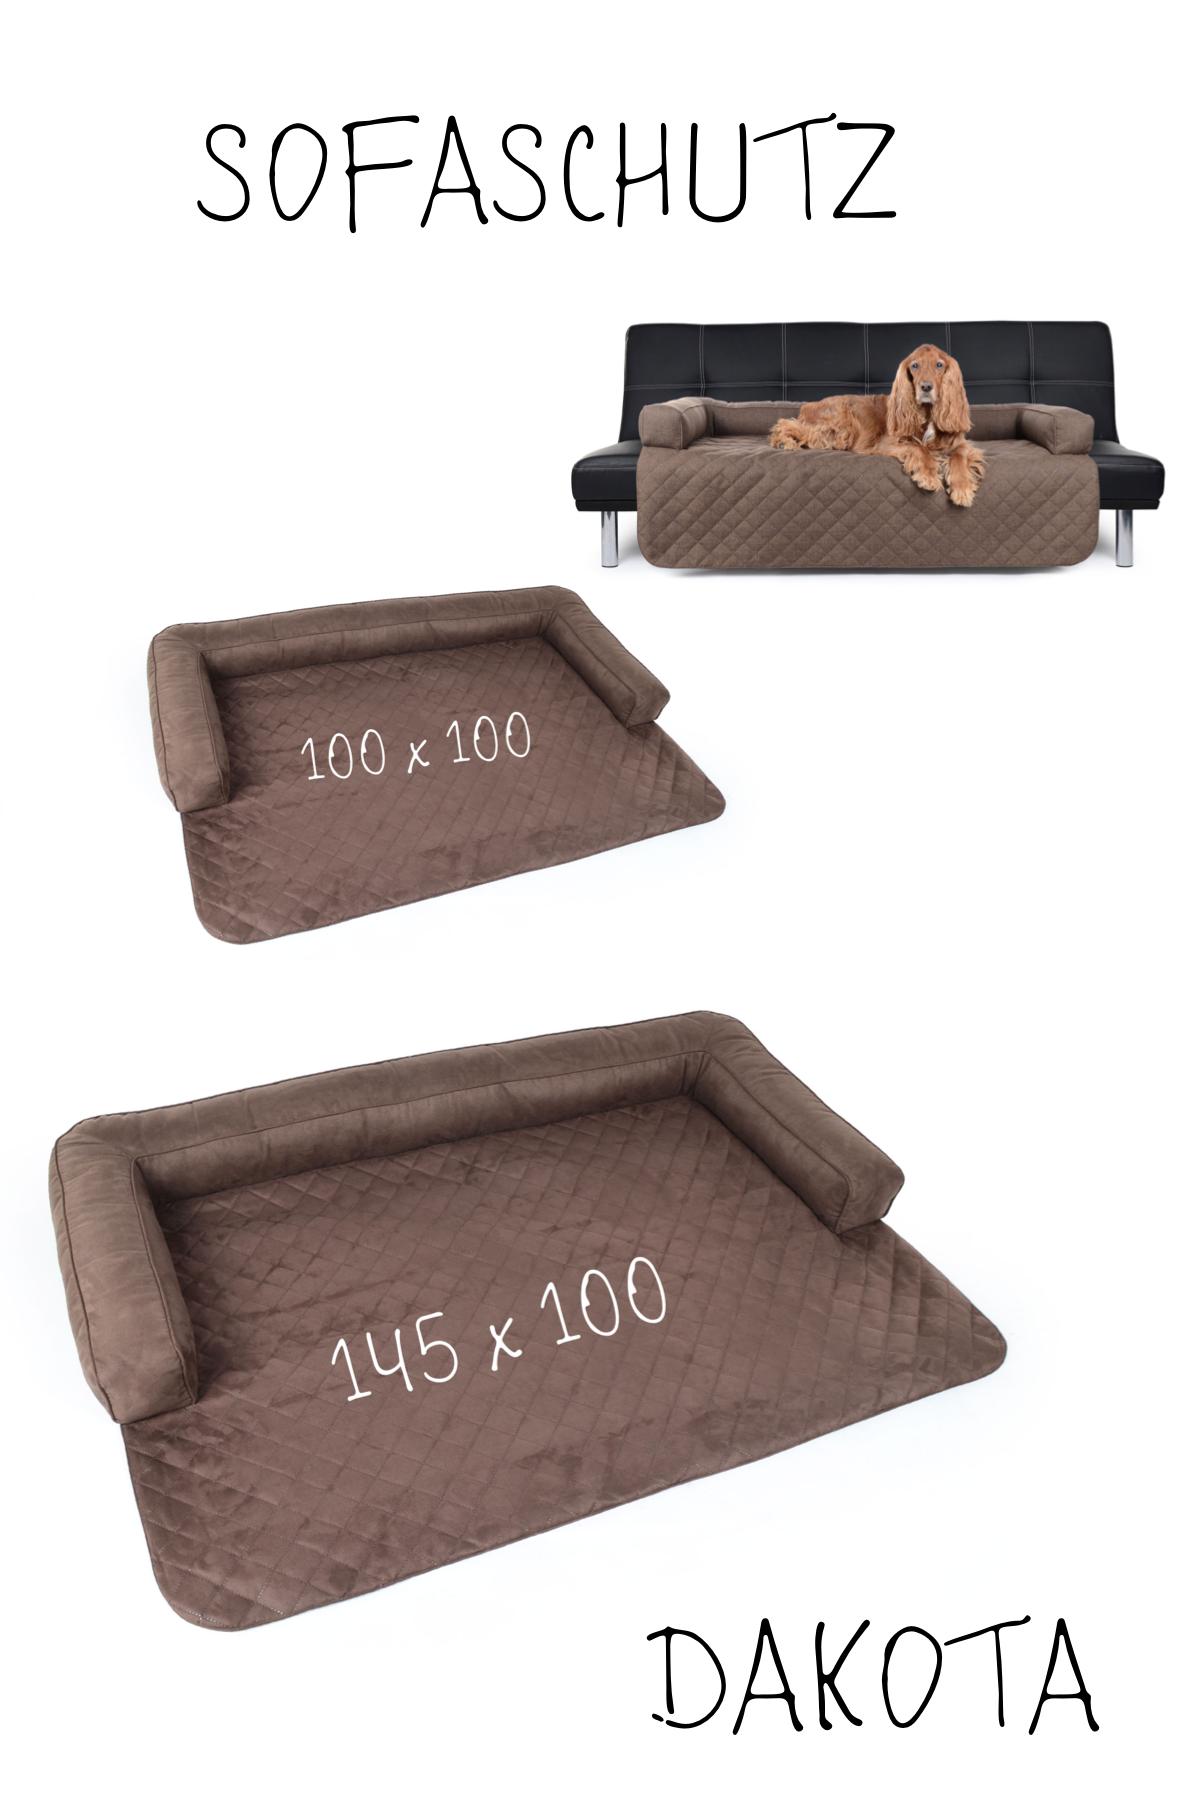 Der Schone Elegante Und Praktische Sofauberwurf Besticht Allem Voran Durch Einen Trendigen Strukturpolsterstoff Sofaschutz Hundekissen Hunde Kissen